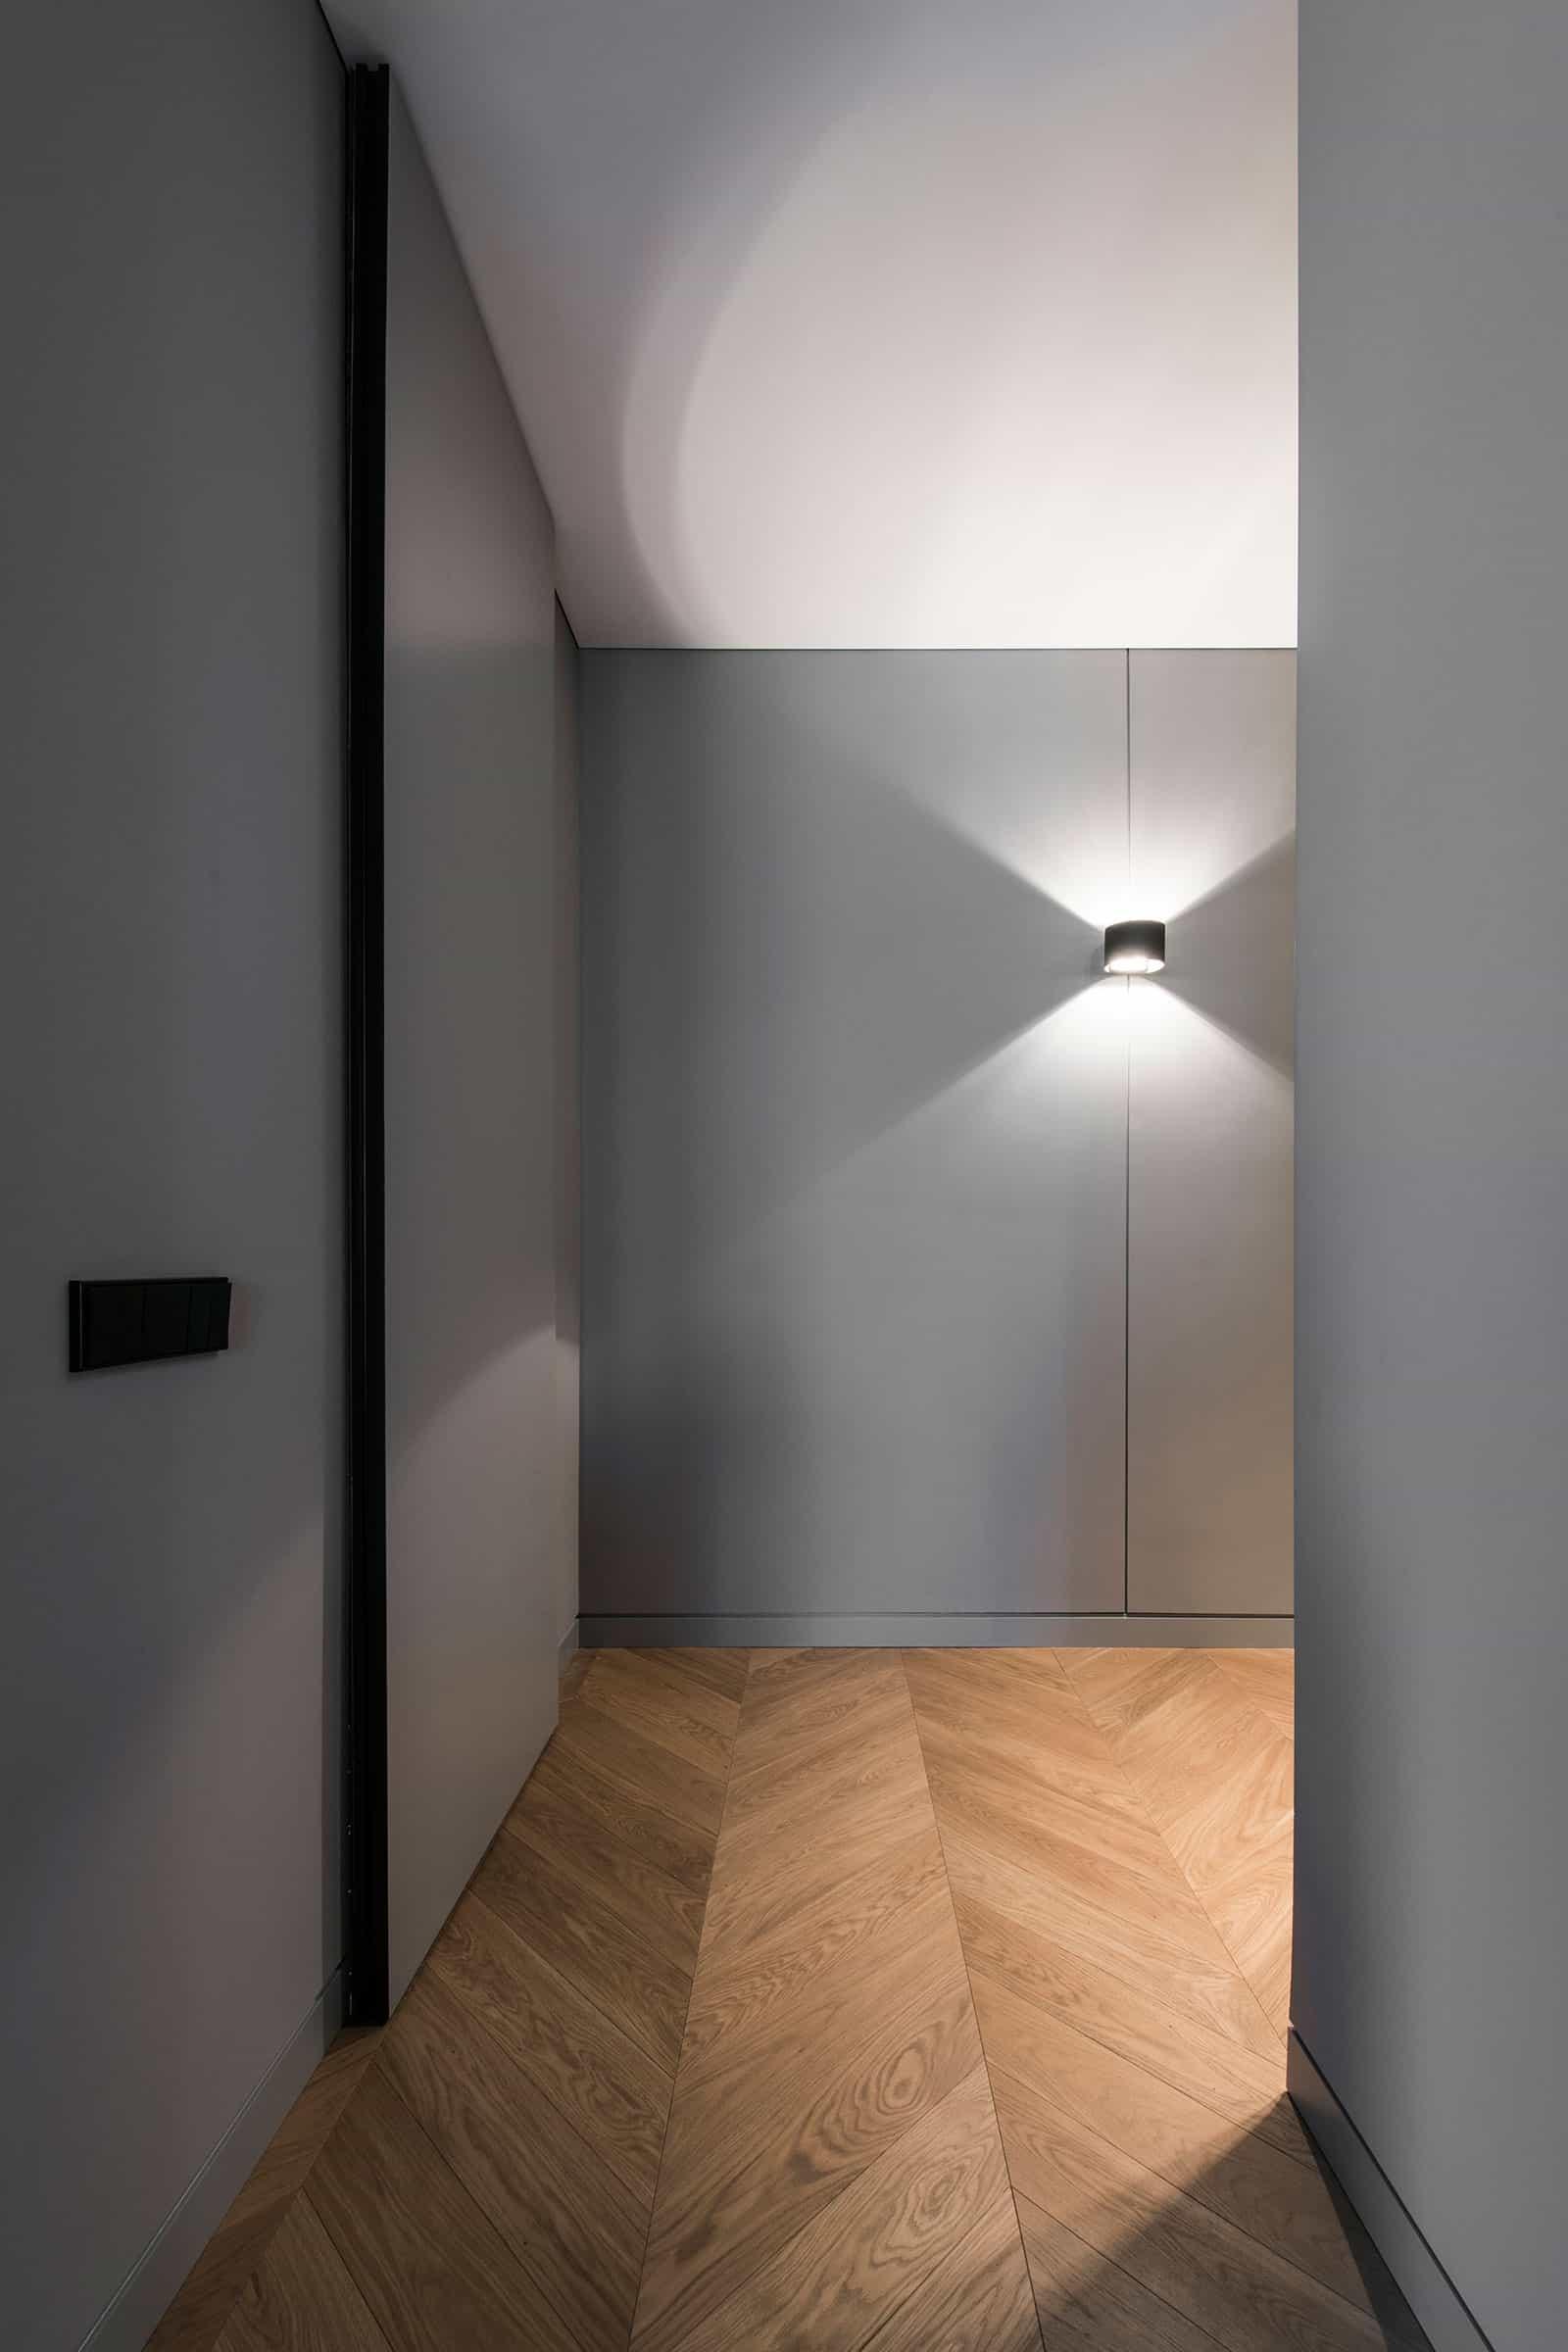 Apartment-interior-in-Basanavicius-street-08